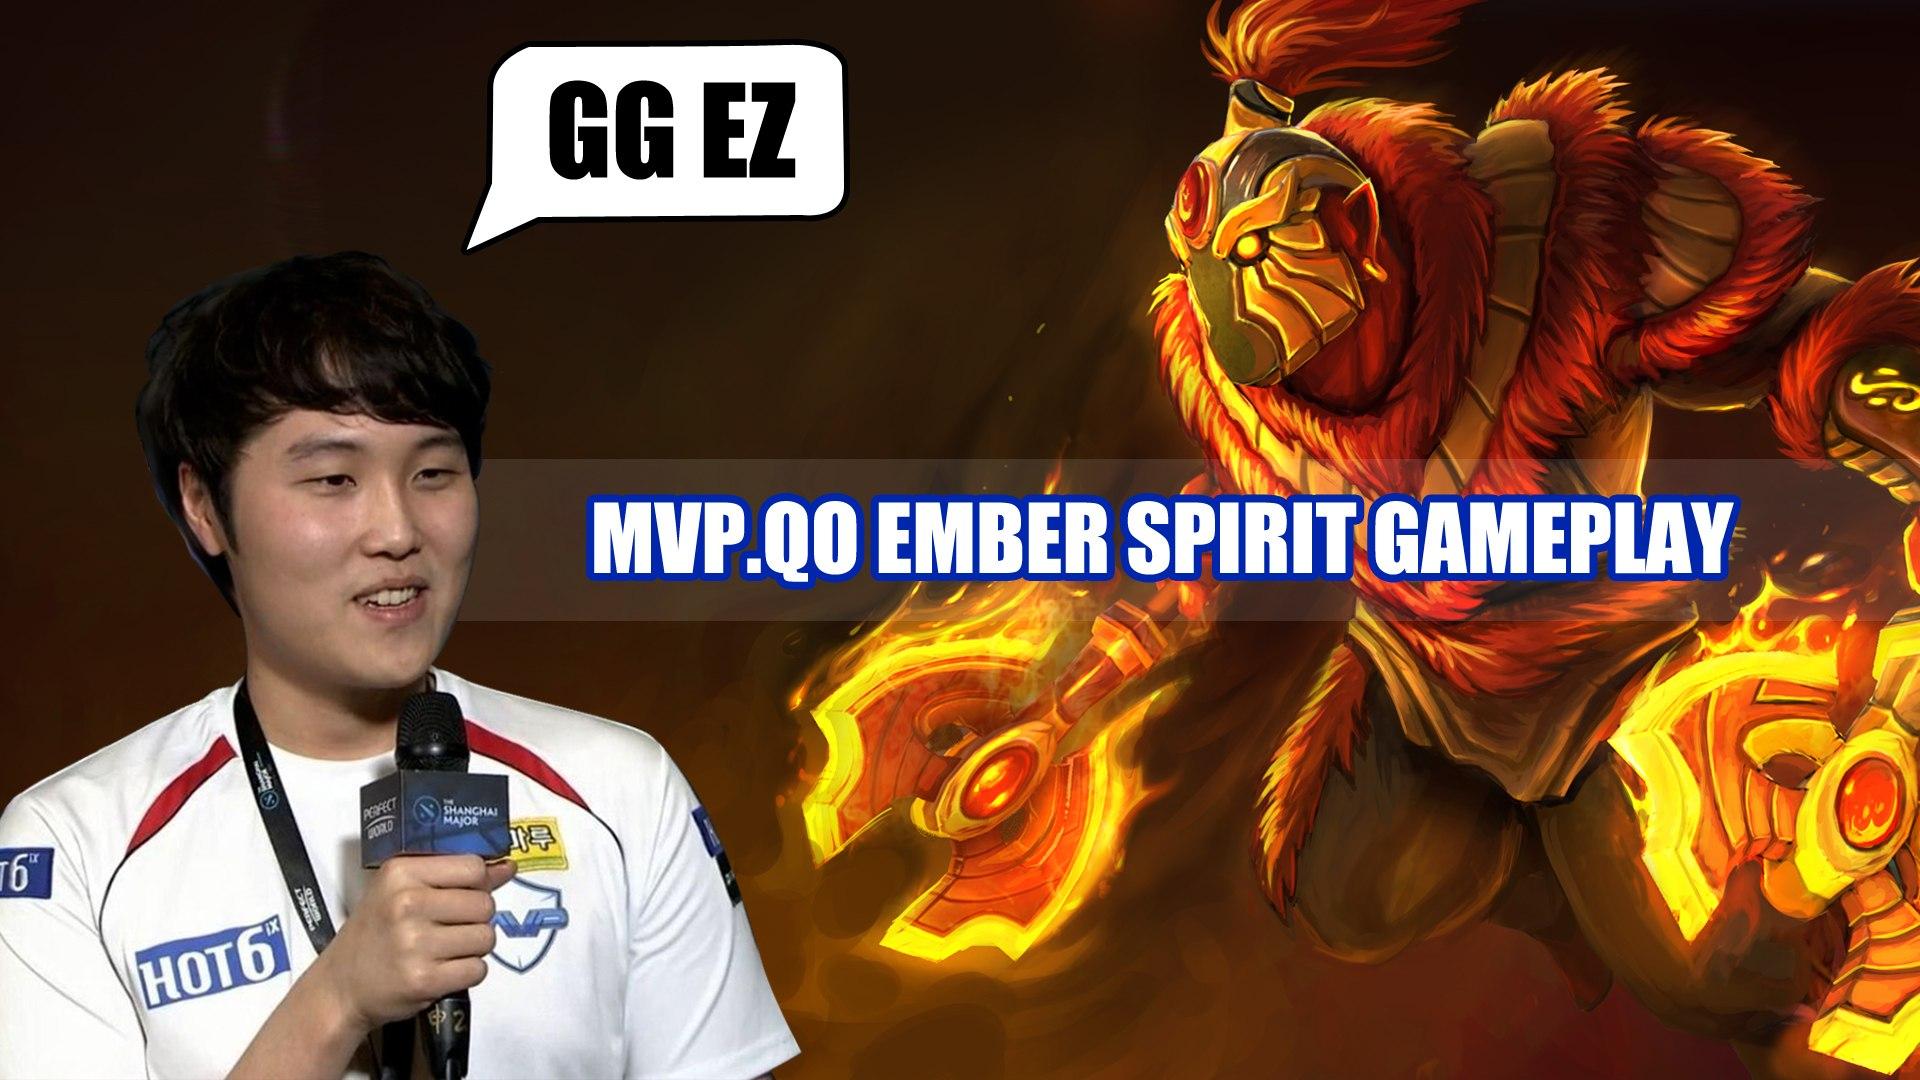 Dota 2 Pro Ranked Game - MVP.QO Ember Spirit Gameplay